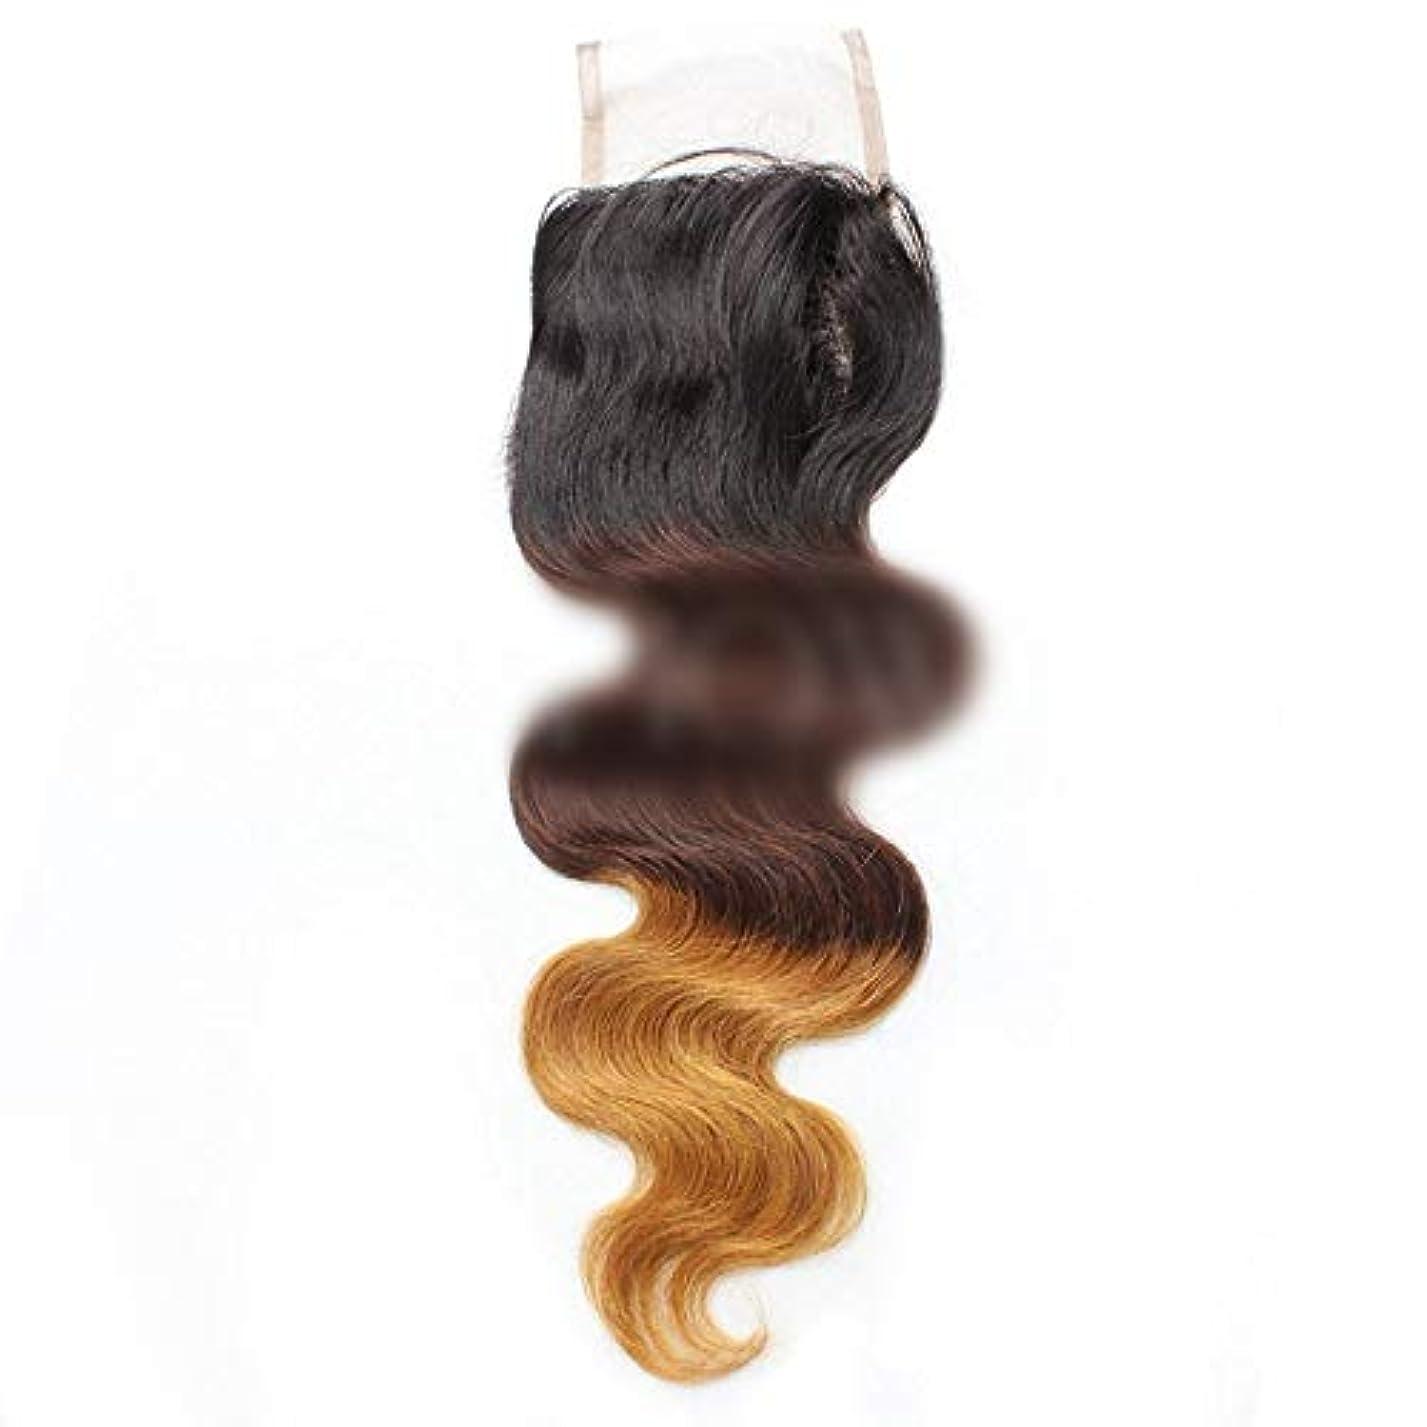 気候の山校長乱闘HOHYLLYA 9aバージンブラジル人間の髪の毛自由な部分実体波4 * 4レース閉鎖 - 1B / 4/27#3トーン色ロールプレイングかつら女性のかつら (色 : ブラウン, サイズ : 18 inch)